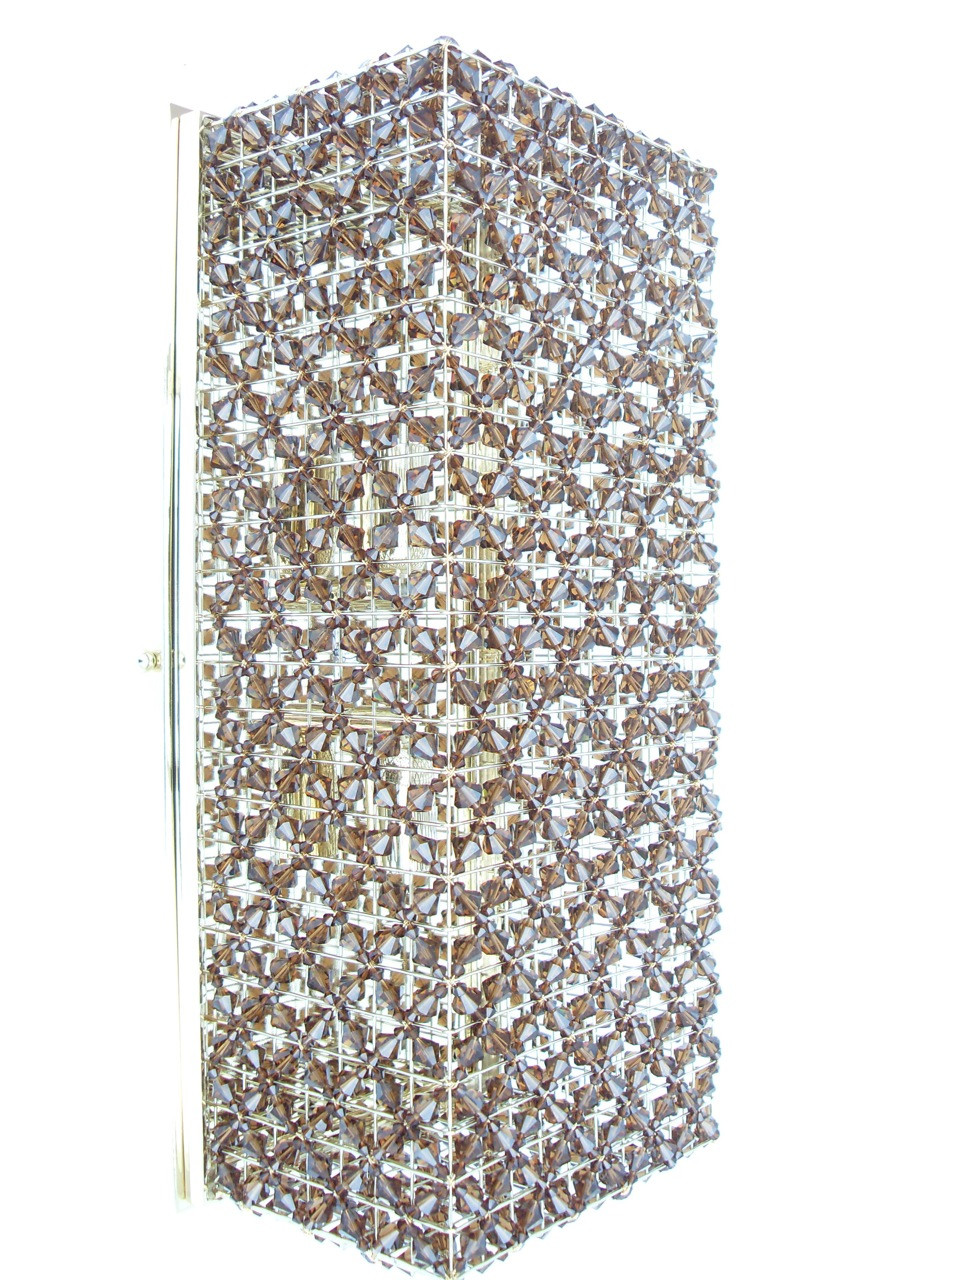 Smoke Crystal Wall Lights : SMOKED TOPAZ BEADED CRYSTAL WALL LIGHT - WALL LIGHTS - LIGHTING